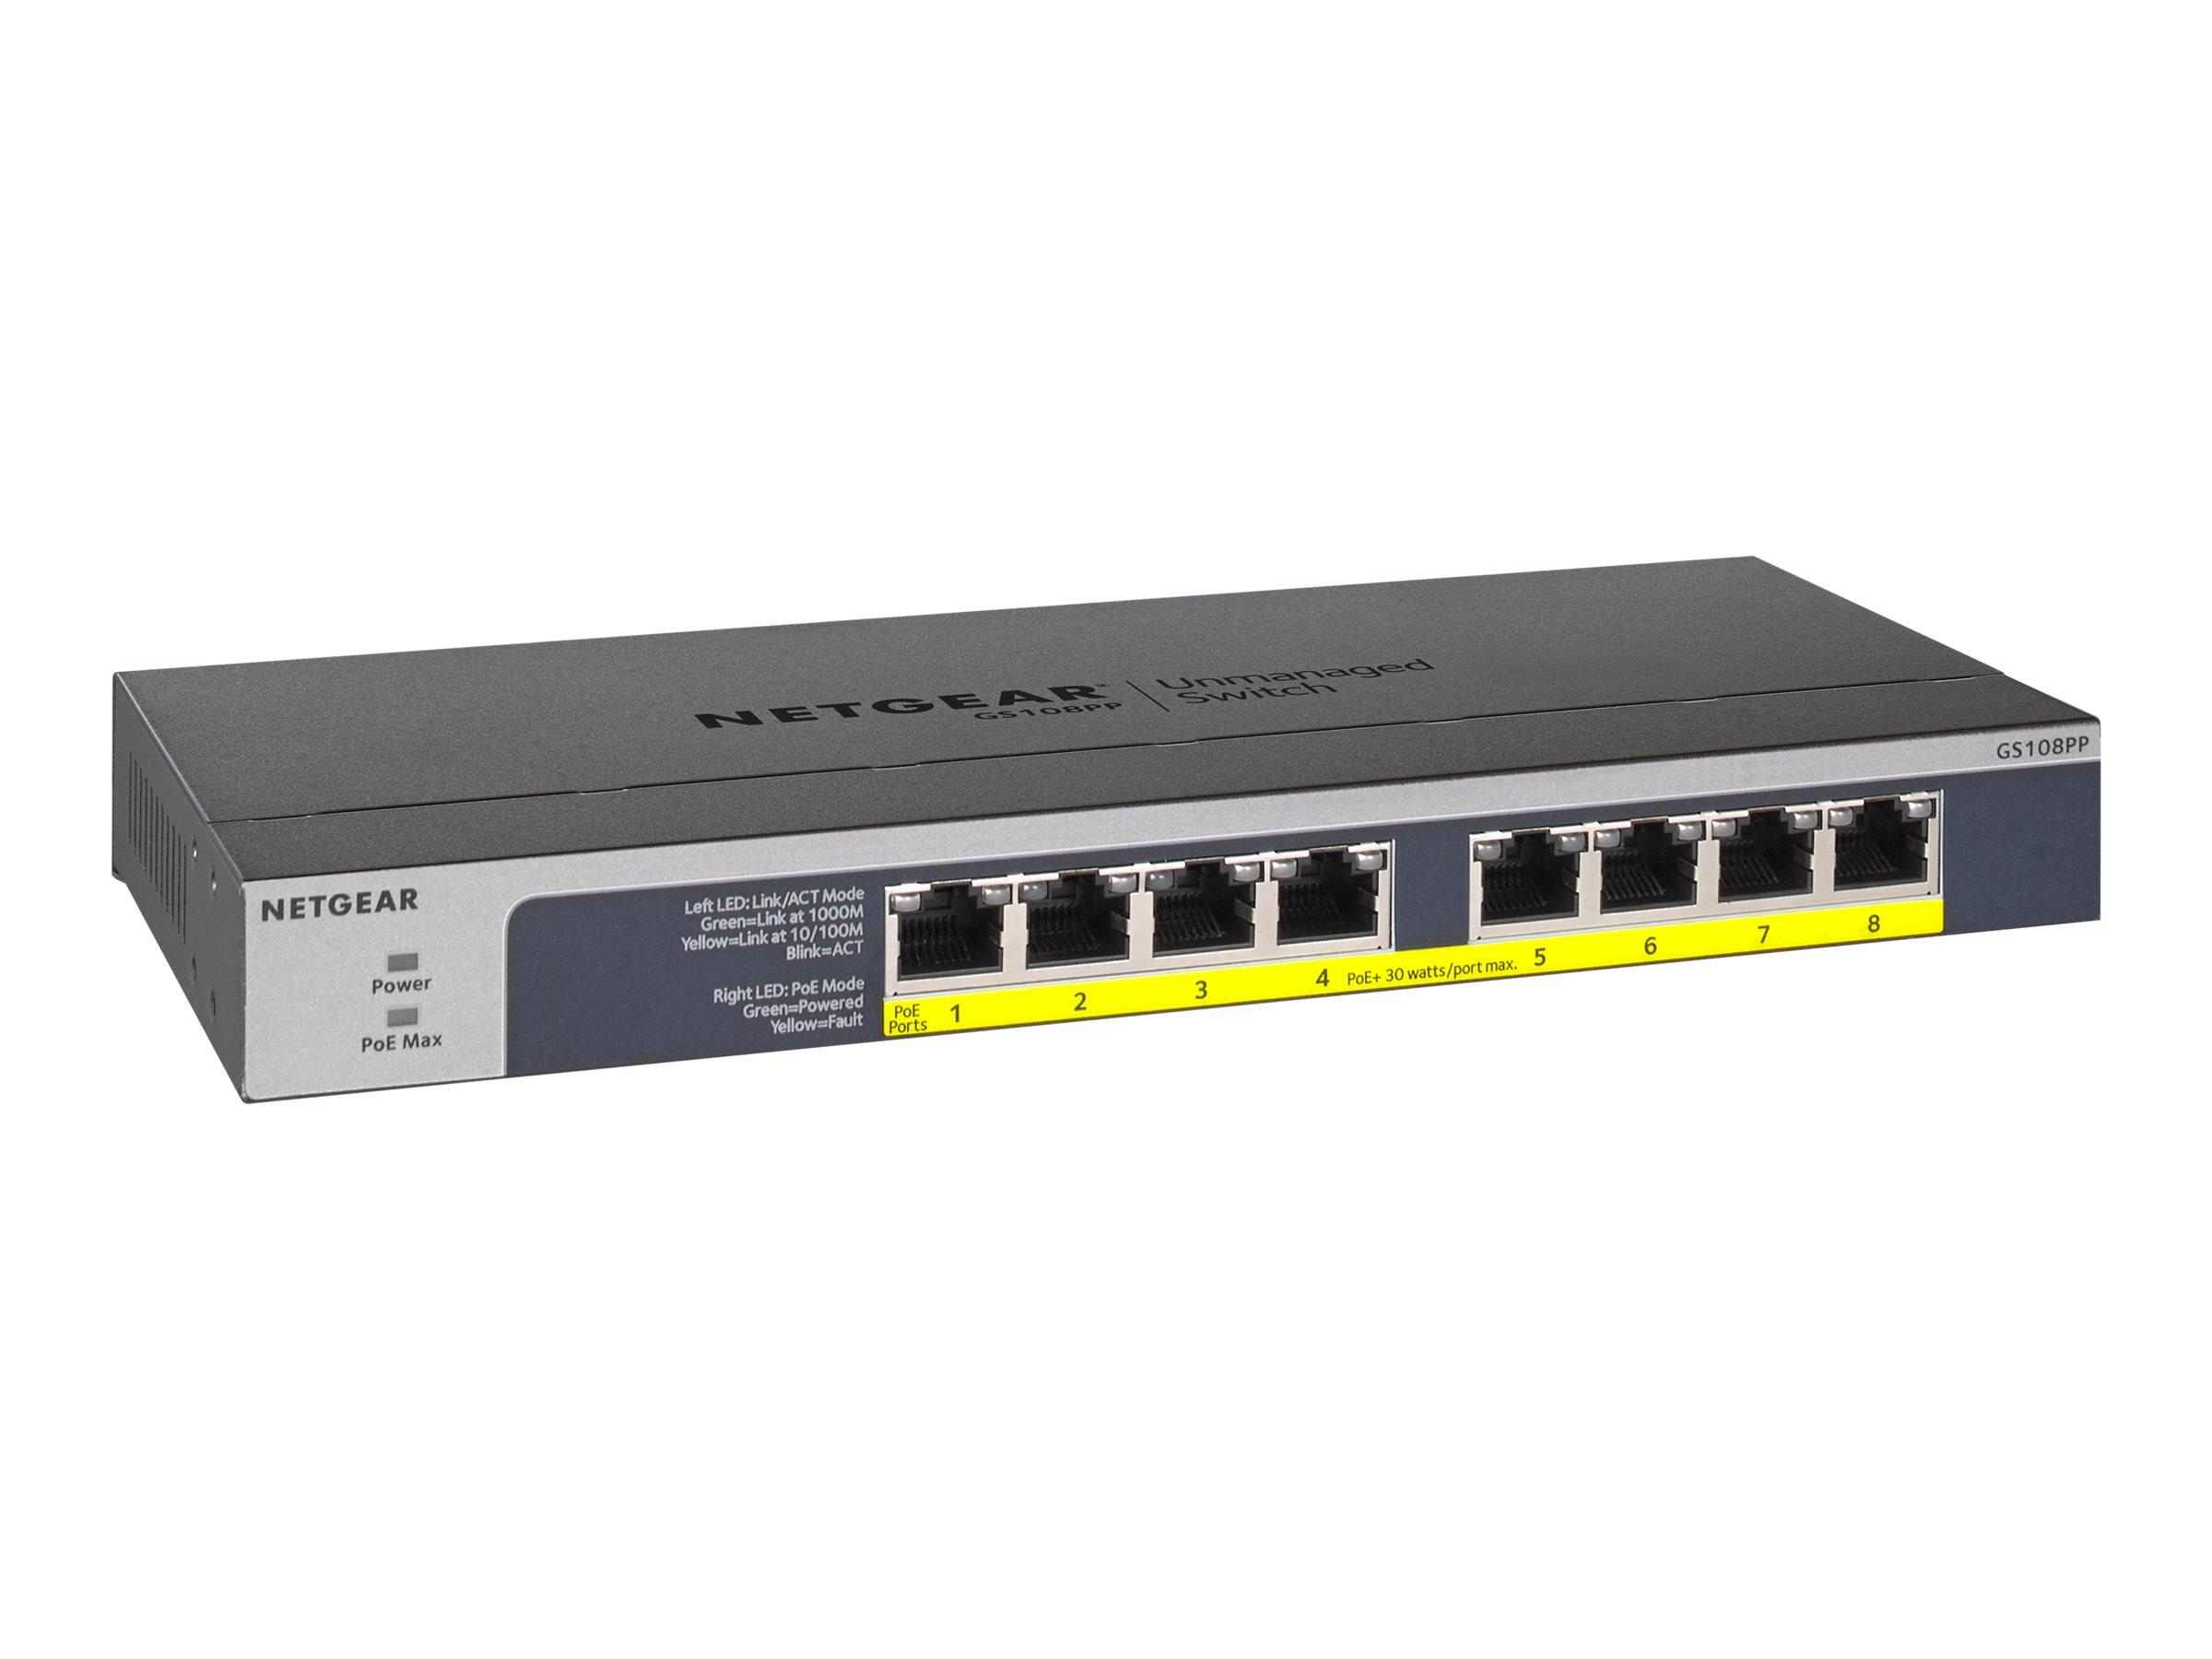 Netgear GS108PP - Switch - 8 x 10/100/1000 (PoE+)